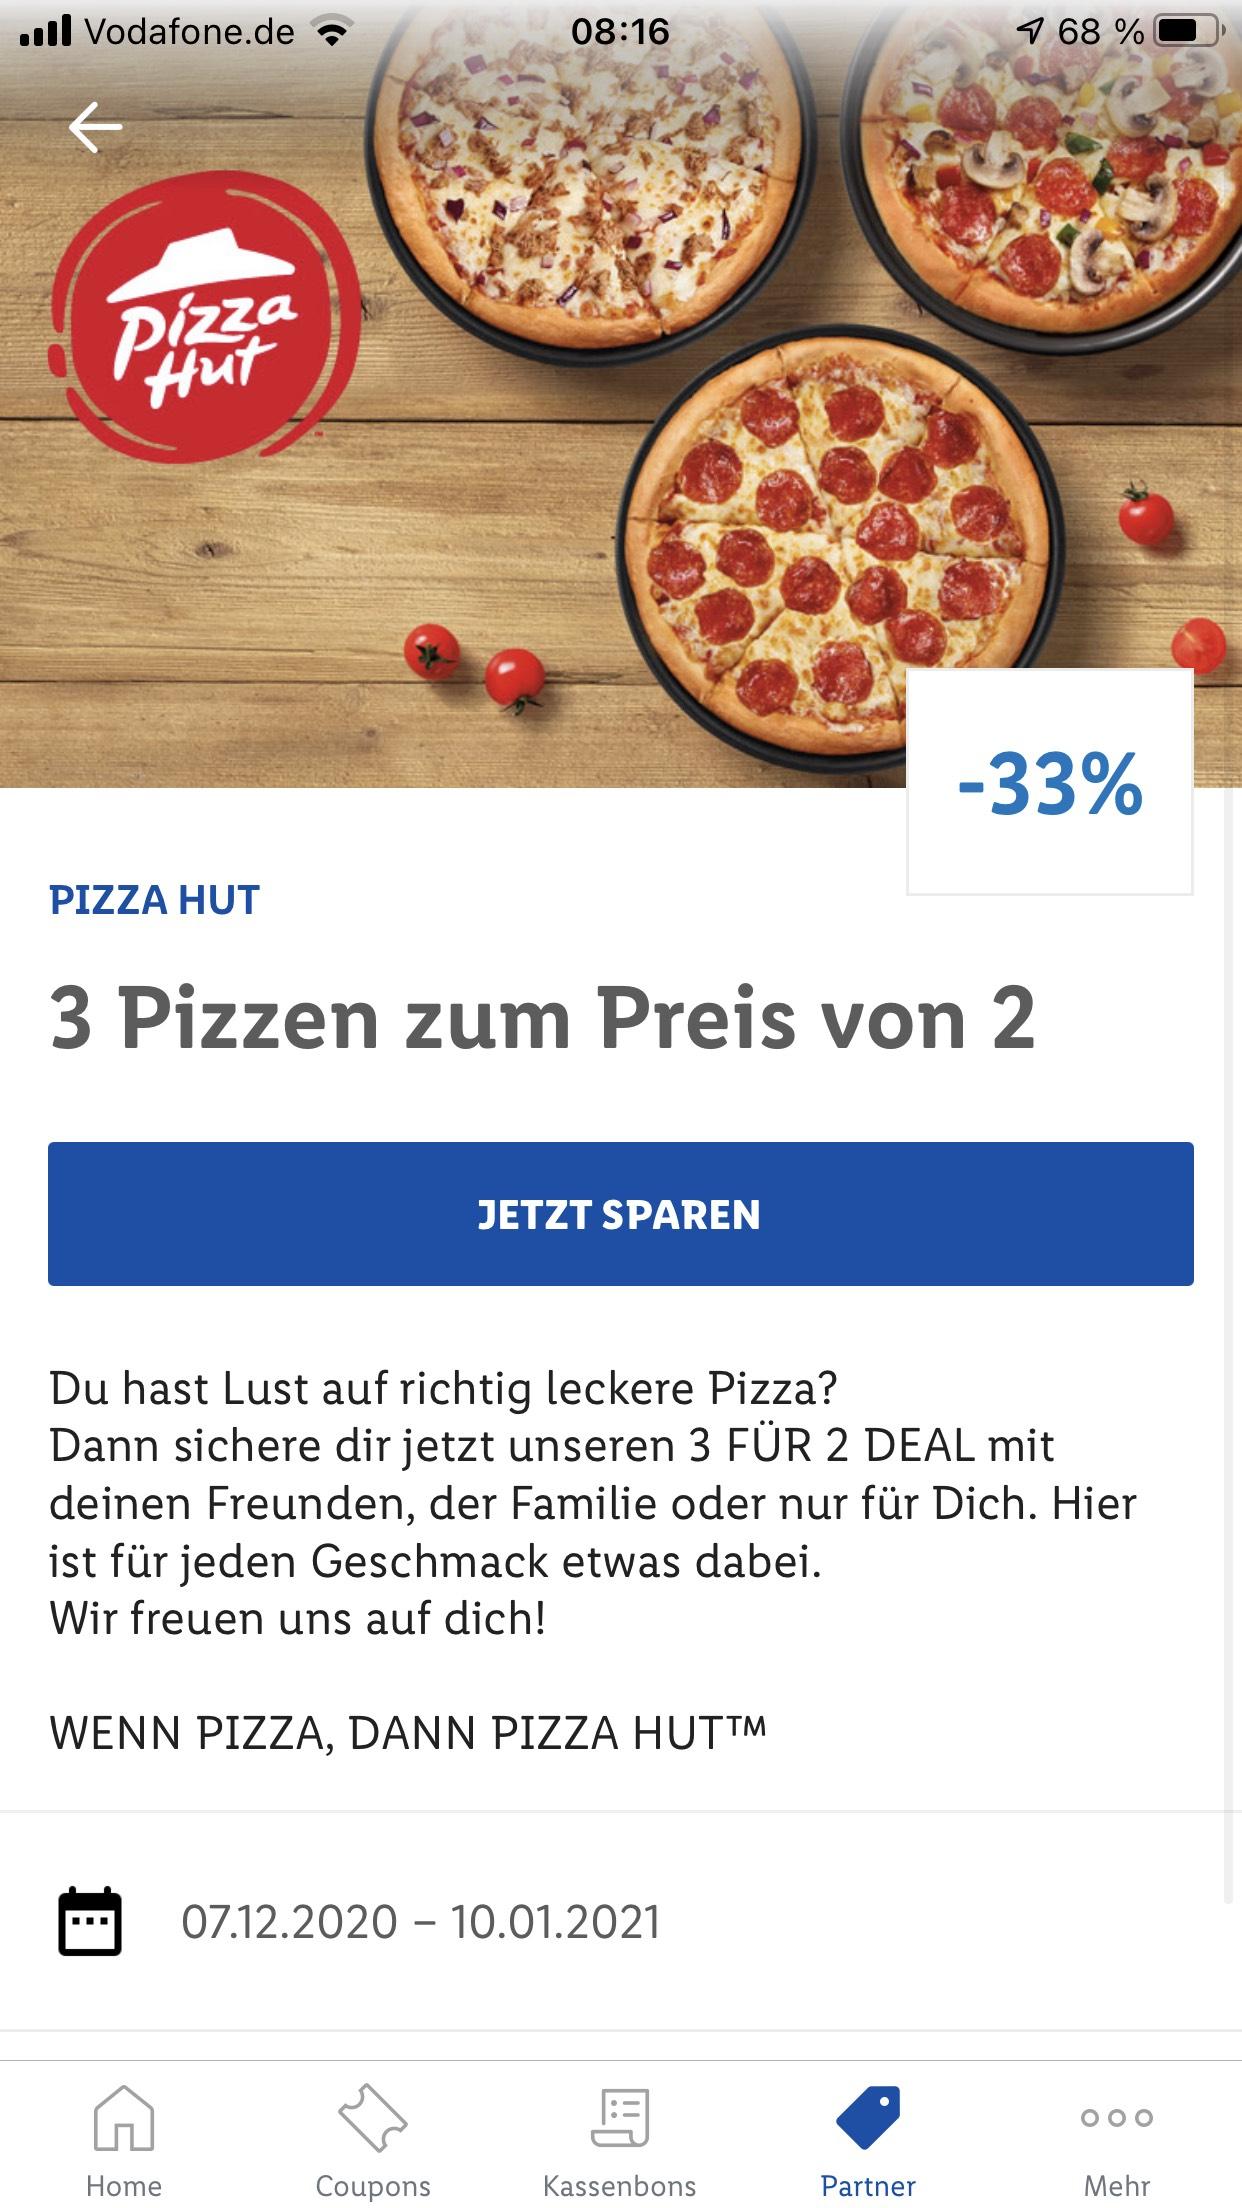 3 Pizzen im Preis von 2 Pizza Hut Aktion